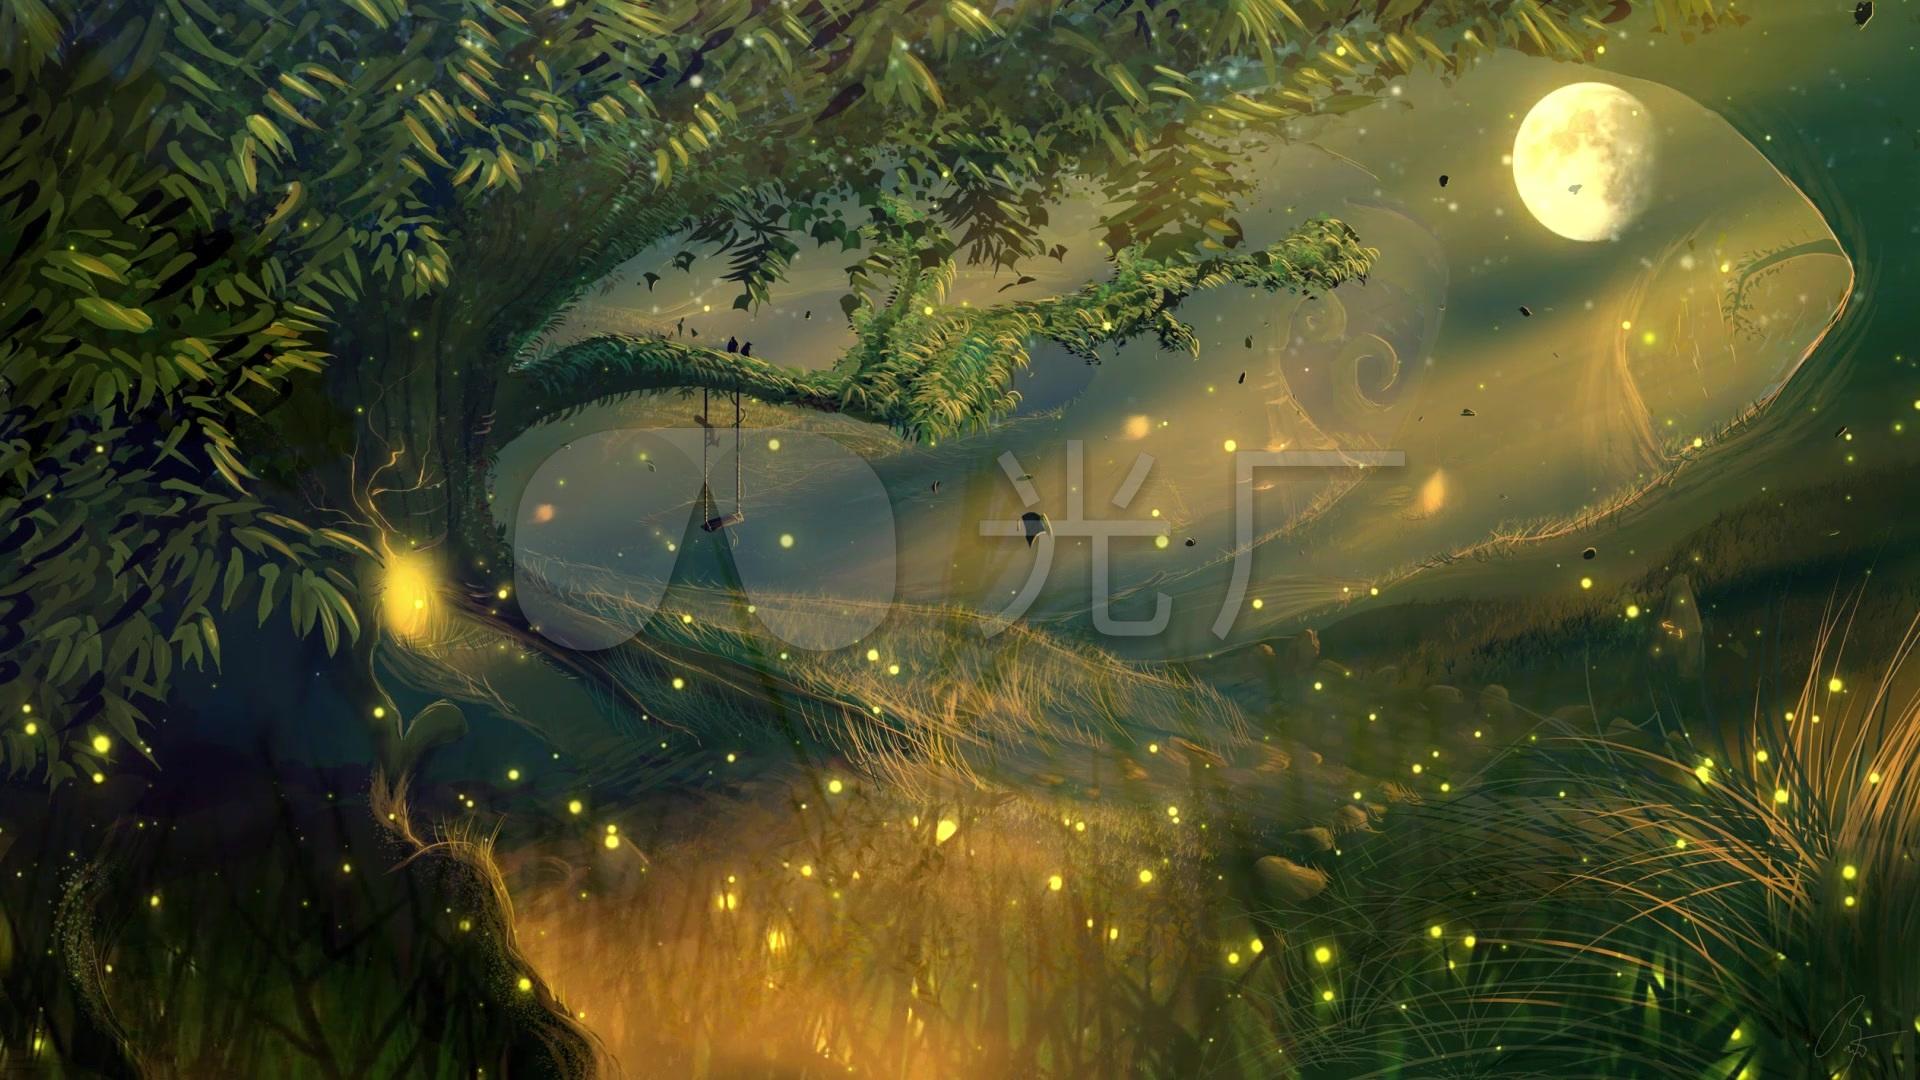 唯美绿色森林萤火虫月夜led舞台背景视频图片